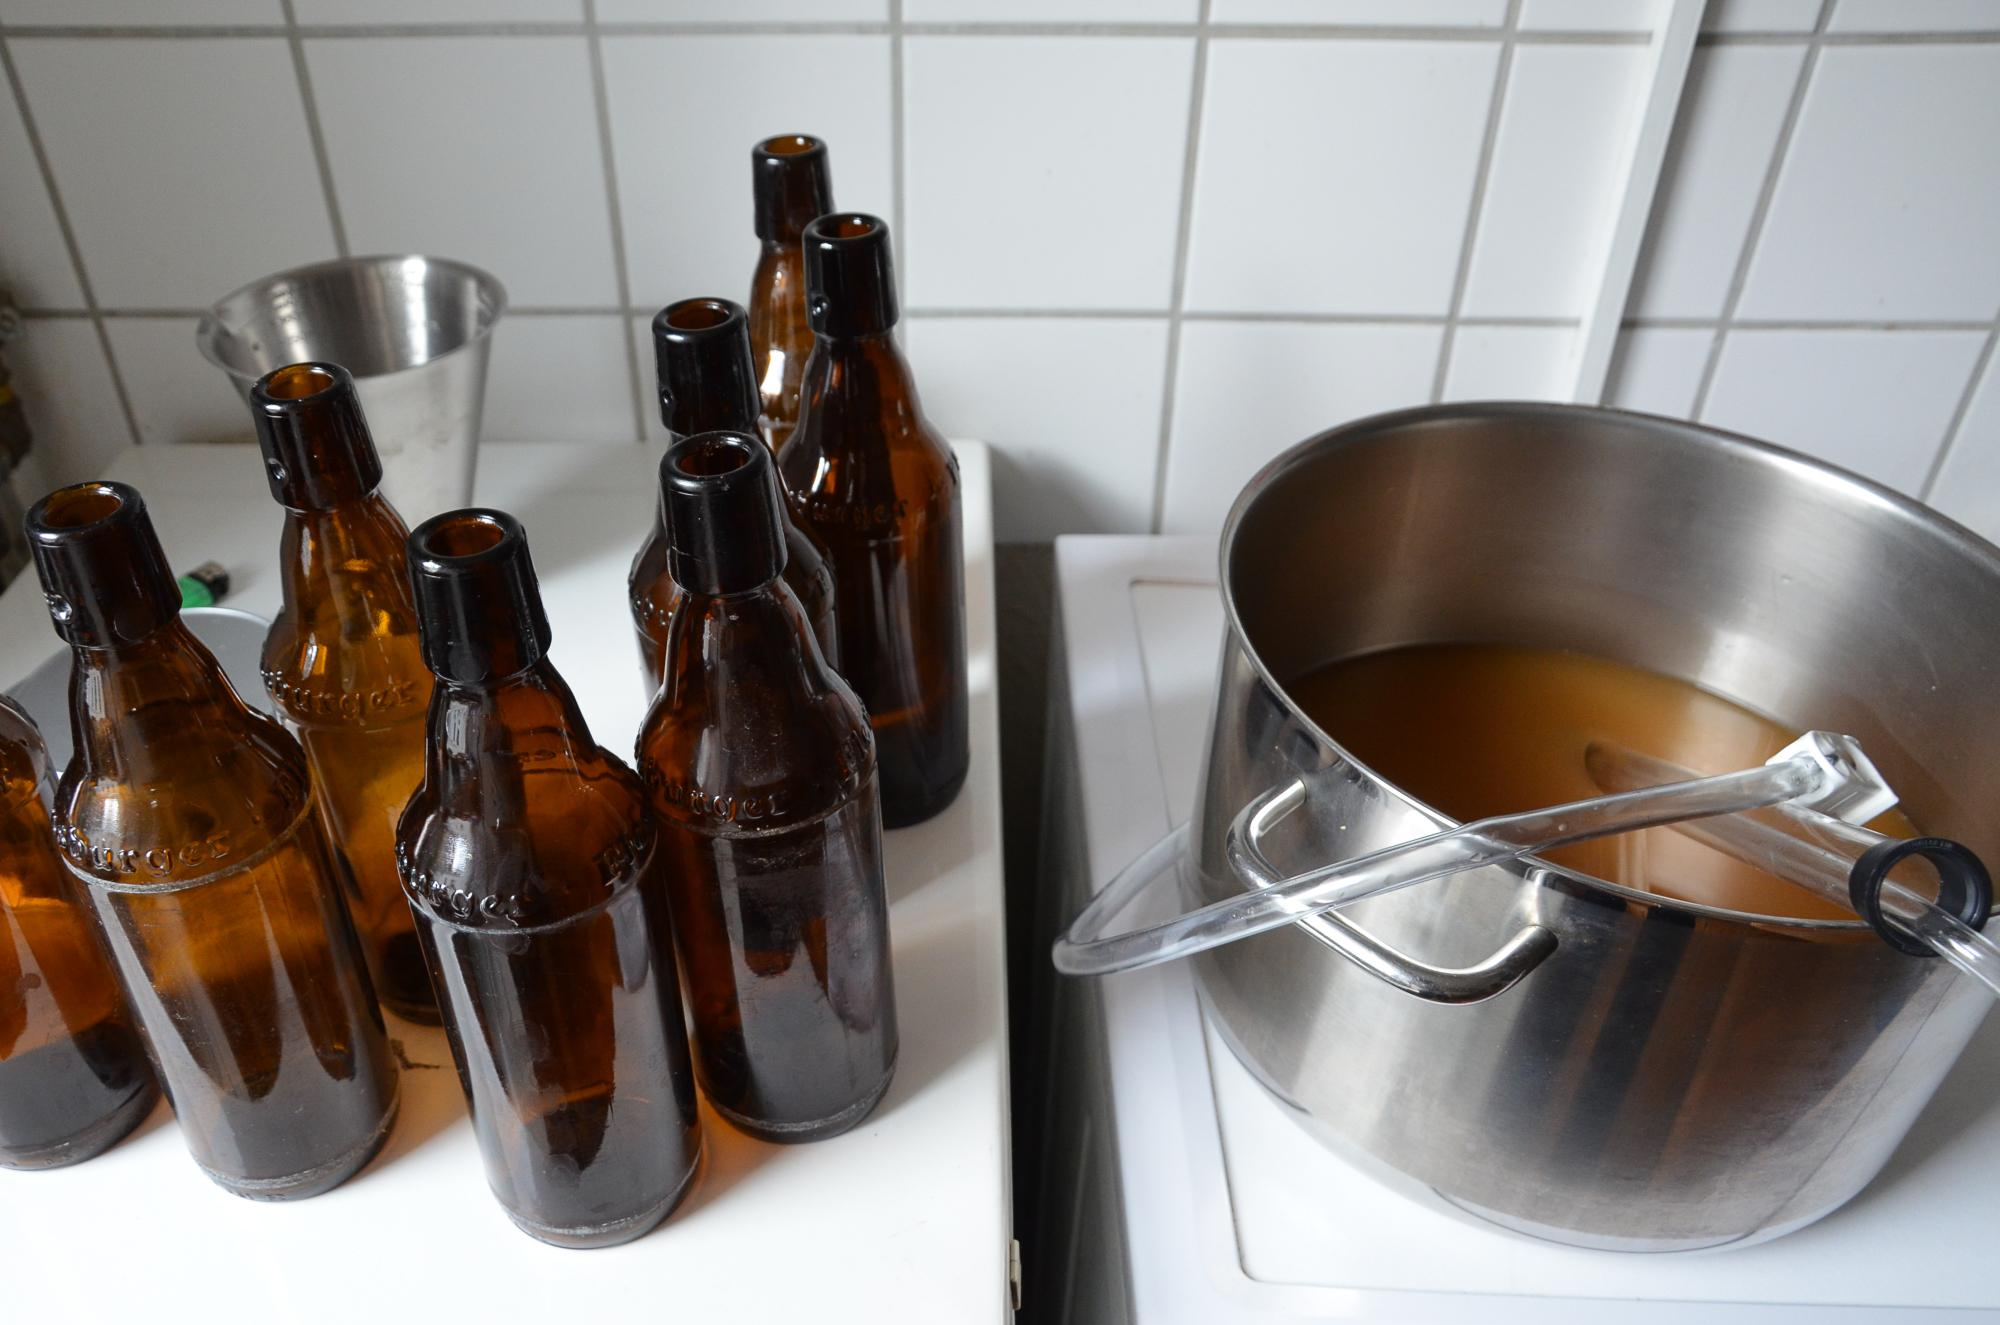 Genug gebastelt? Dann empfehlen wir ein kühles Bier, natürlich selbst gebraut.